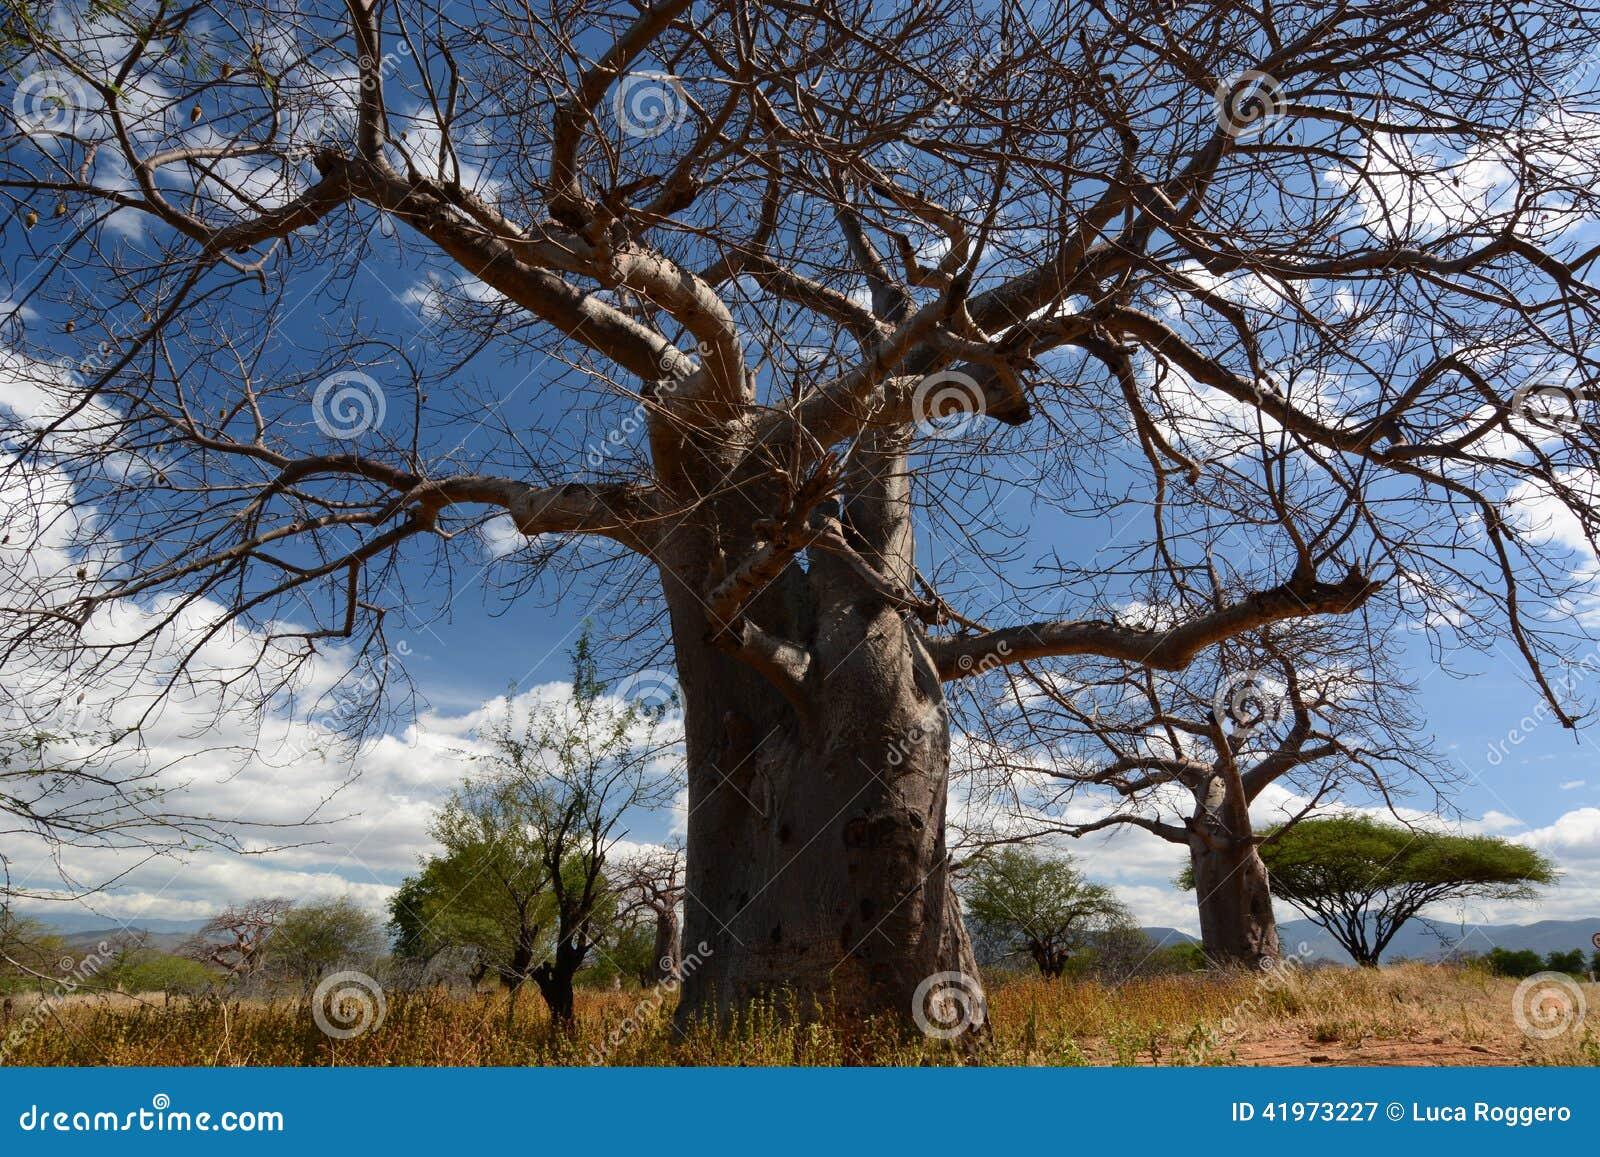 Baobab valley, Great Ruaha River. Tanzania